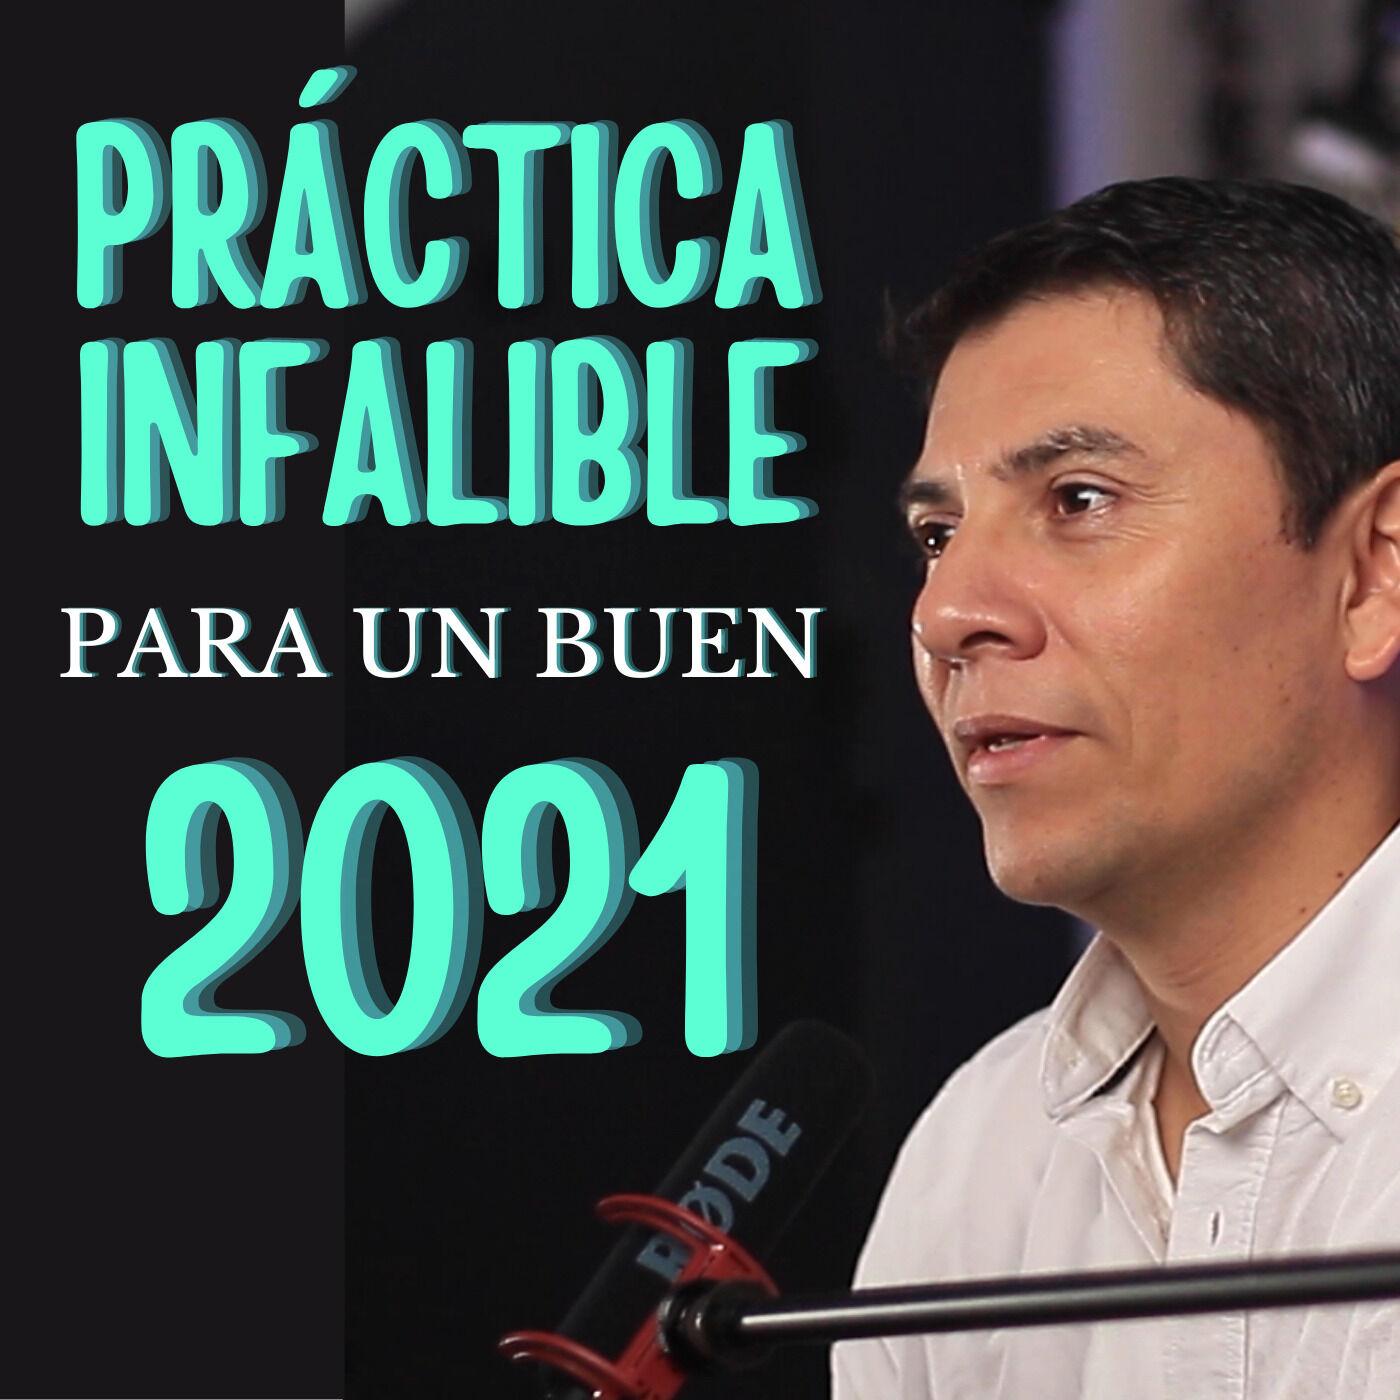 Haga esto si desea un 2021 mejor que el 2020